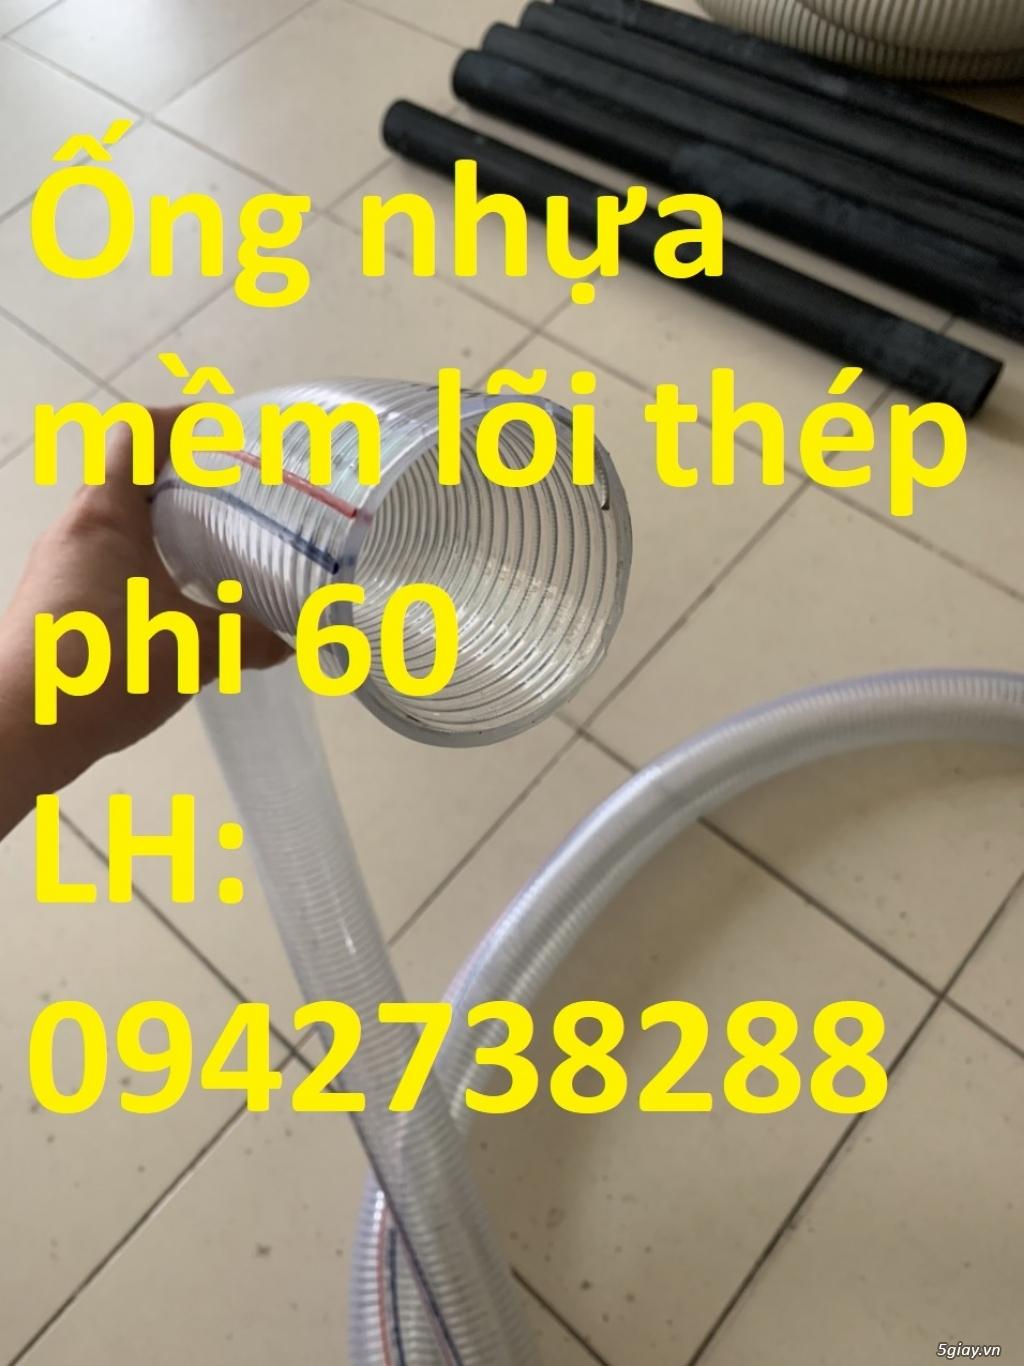 Ứng dụng của ống nhựa mềm lõi thép ohi 60 hàng có sẵn